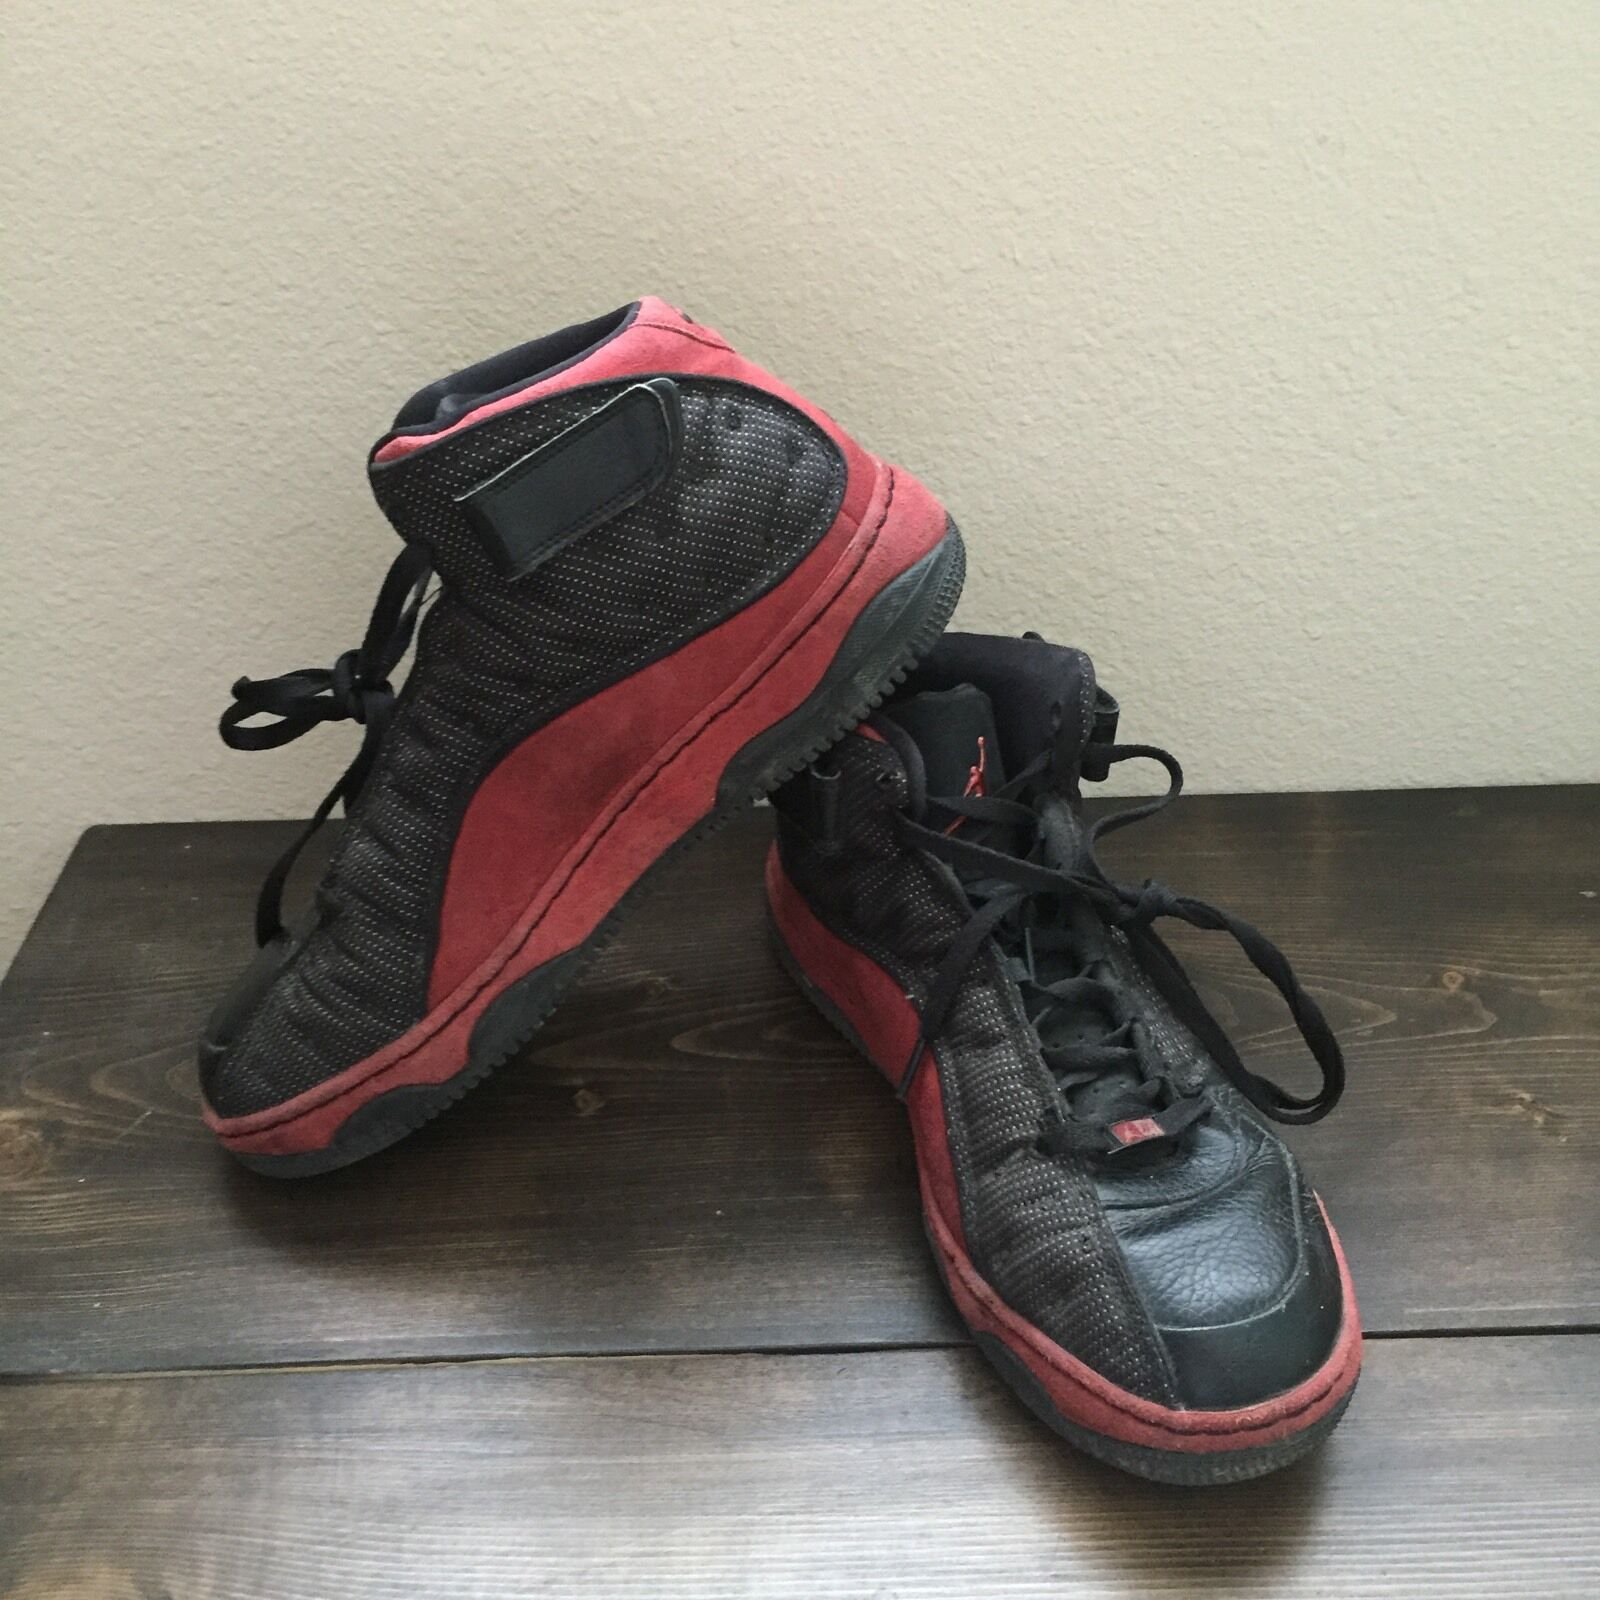 Nike Air Jordan AJF 11 Fusion Men's Basketball Shoe 375453-061 Comfortable Seasonal price cuts, discount benefits